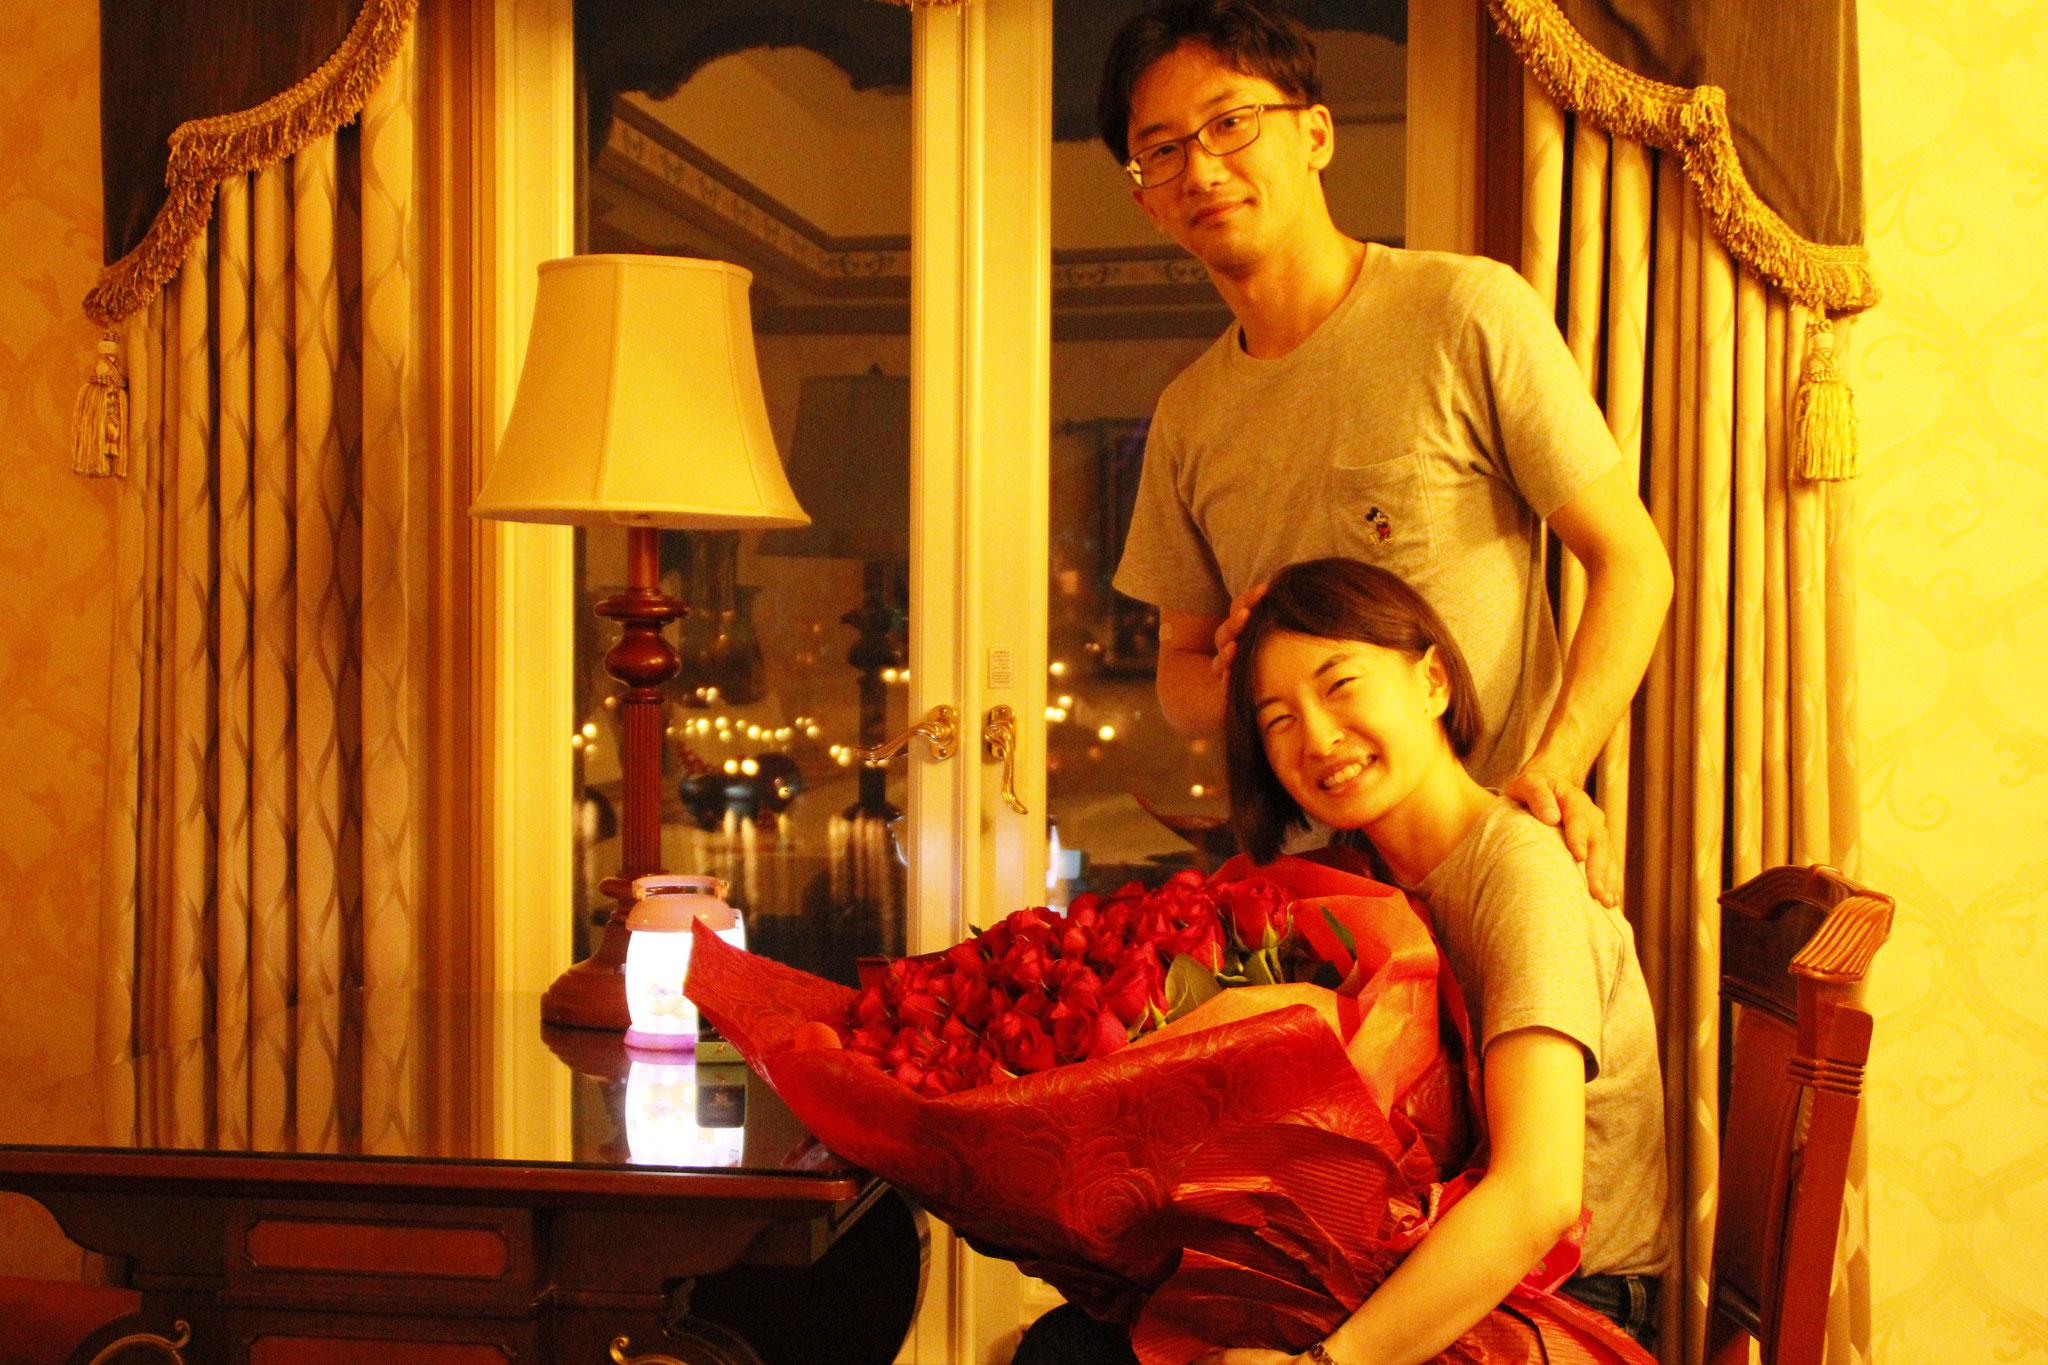 ディズニー プロポーズ 108本の薔薇 花束 オーダーフラワー  シュシュ 花屋 舞浜 浦安